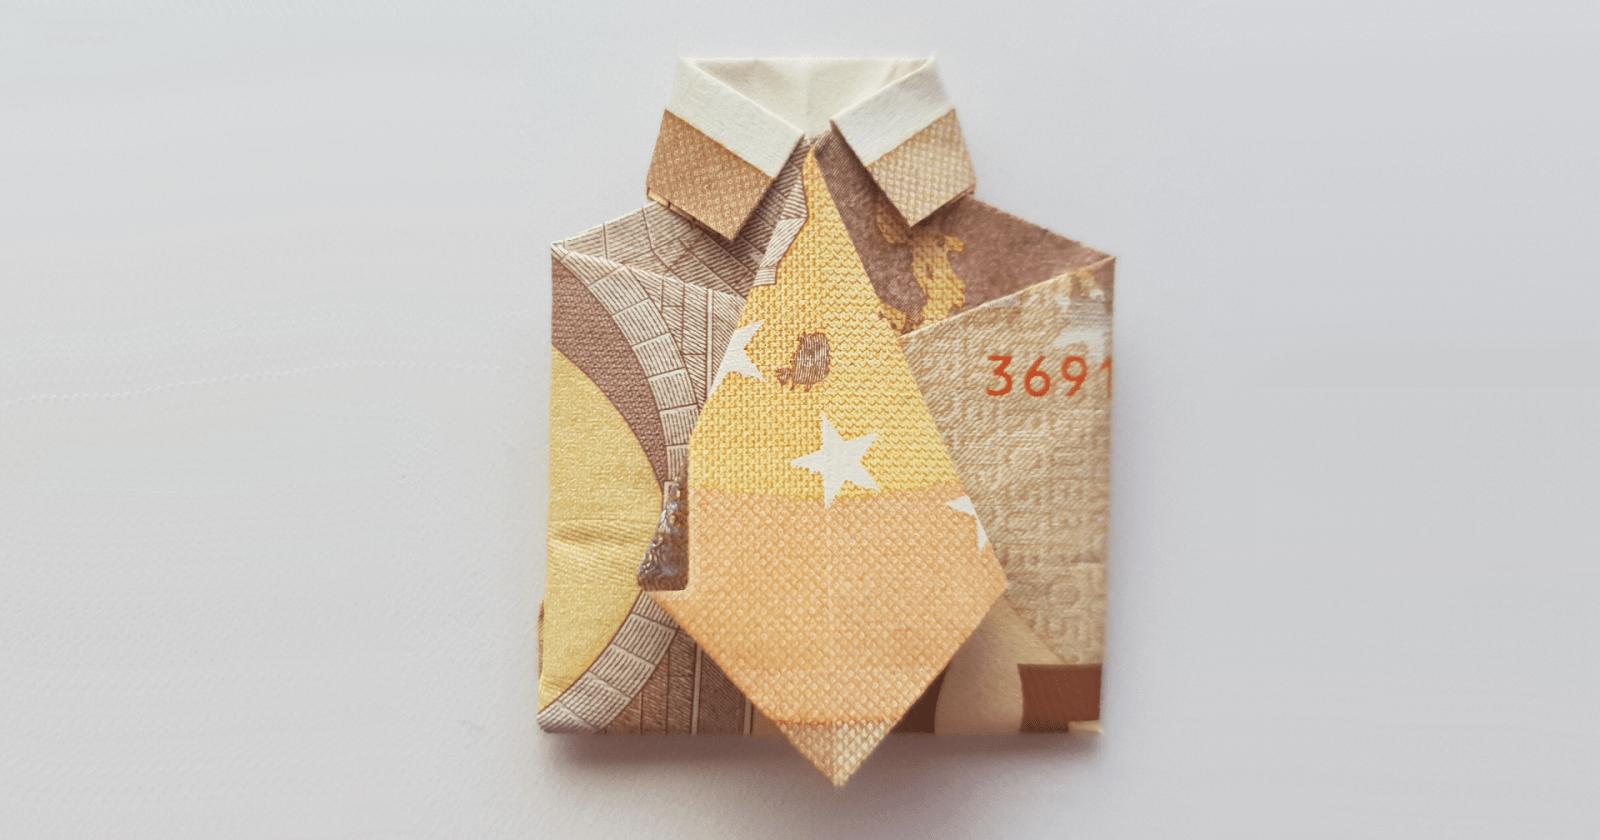 Hemd Mit Krawatte Aus Einem Geldschein Falten  Origami Mit Geldscheinen von Origami Hemd Mit Krawatte Photo